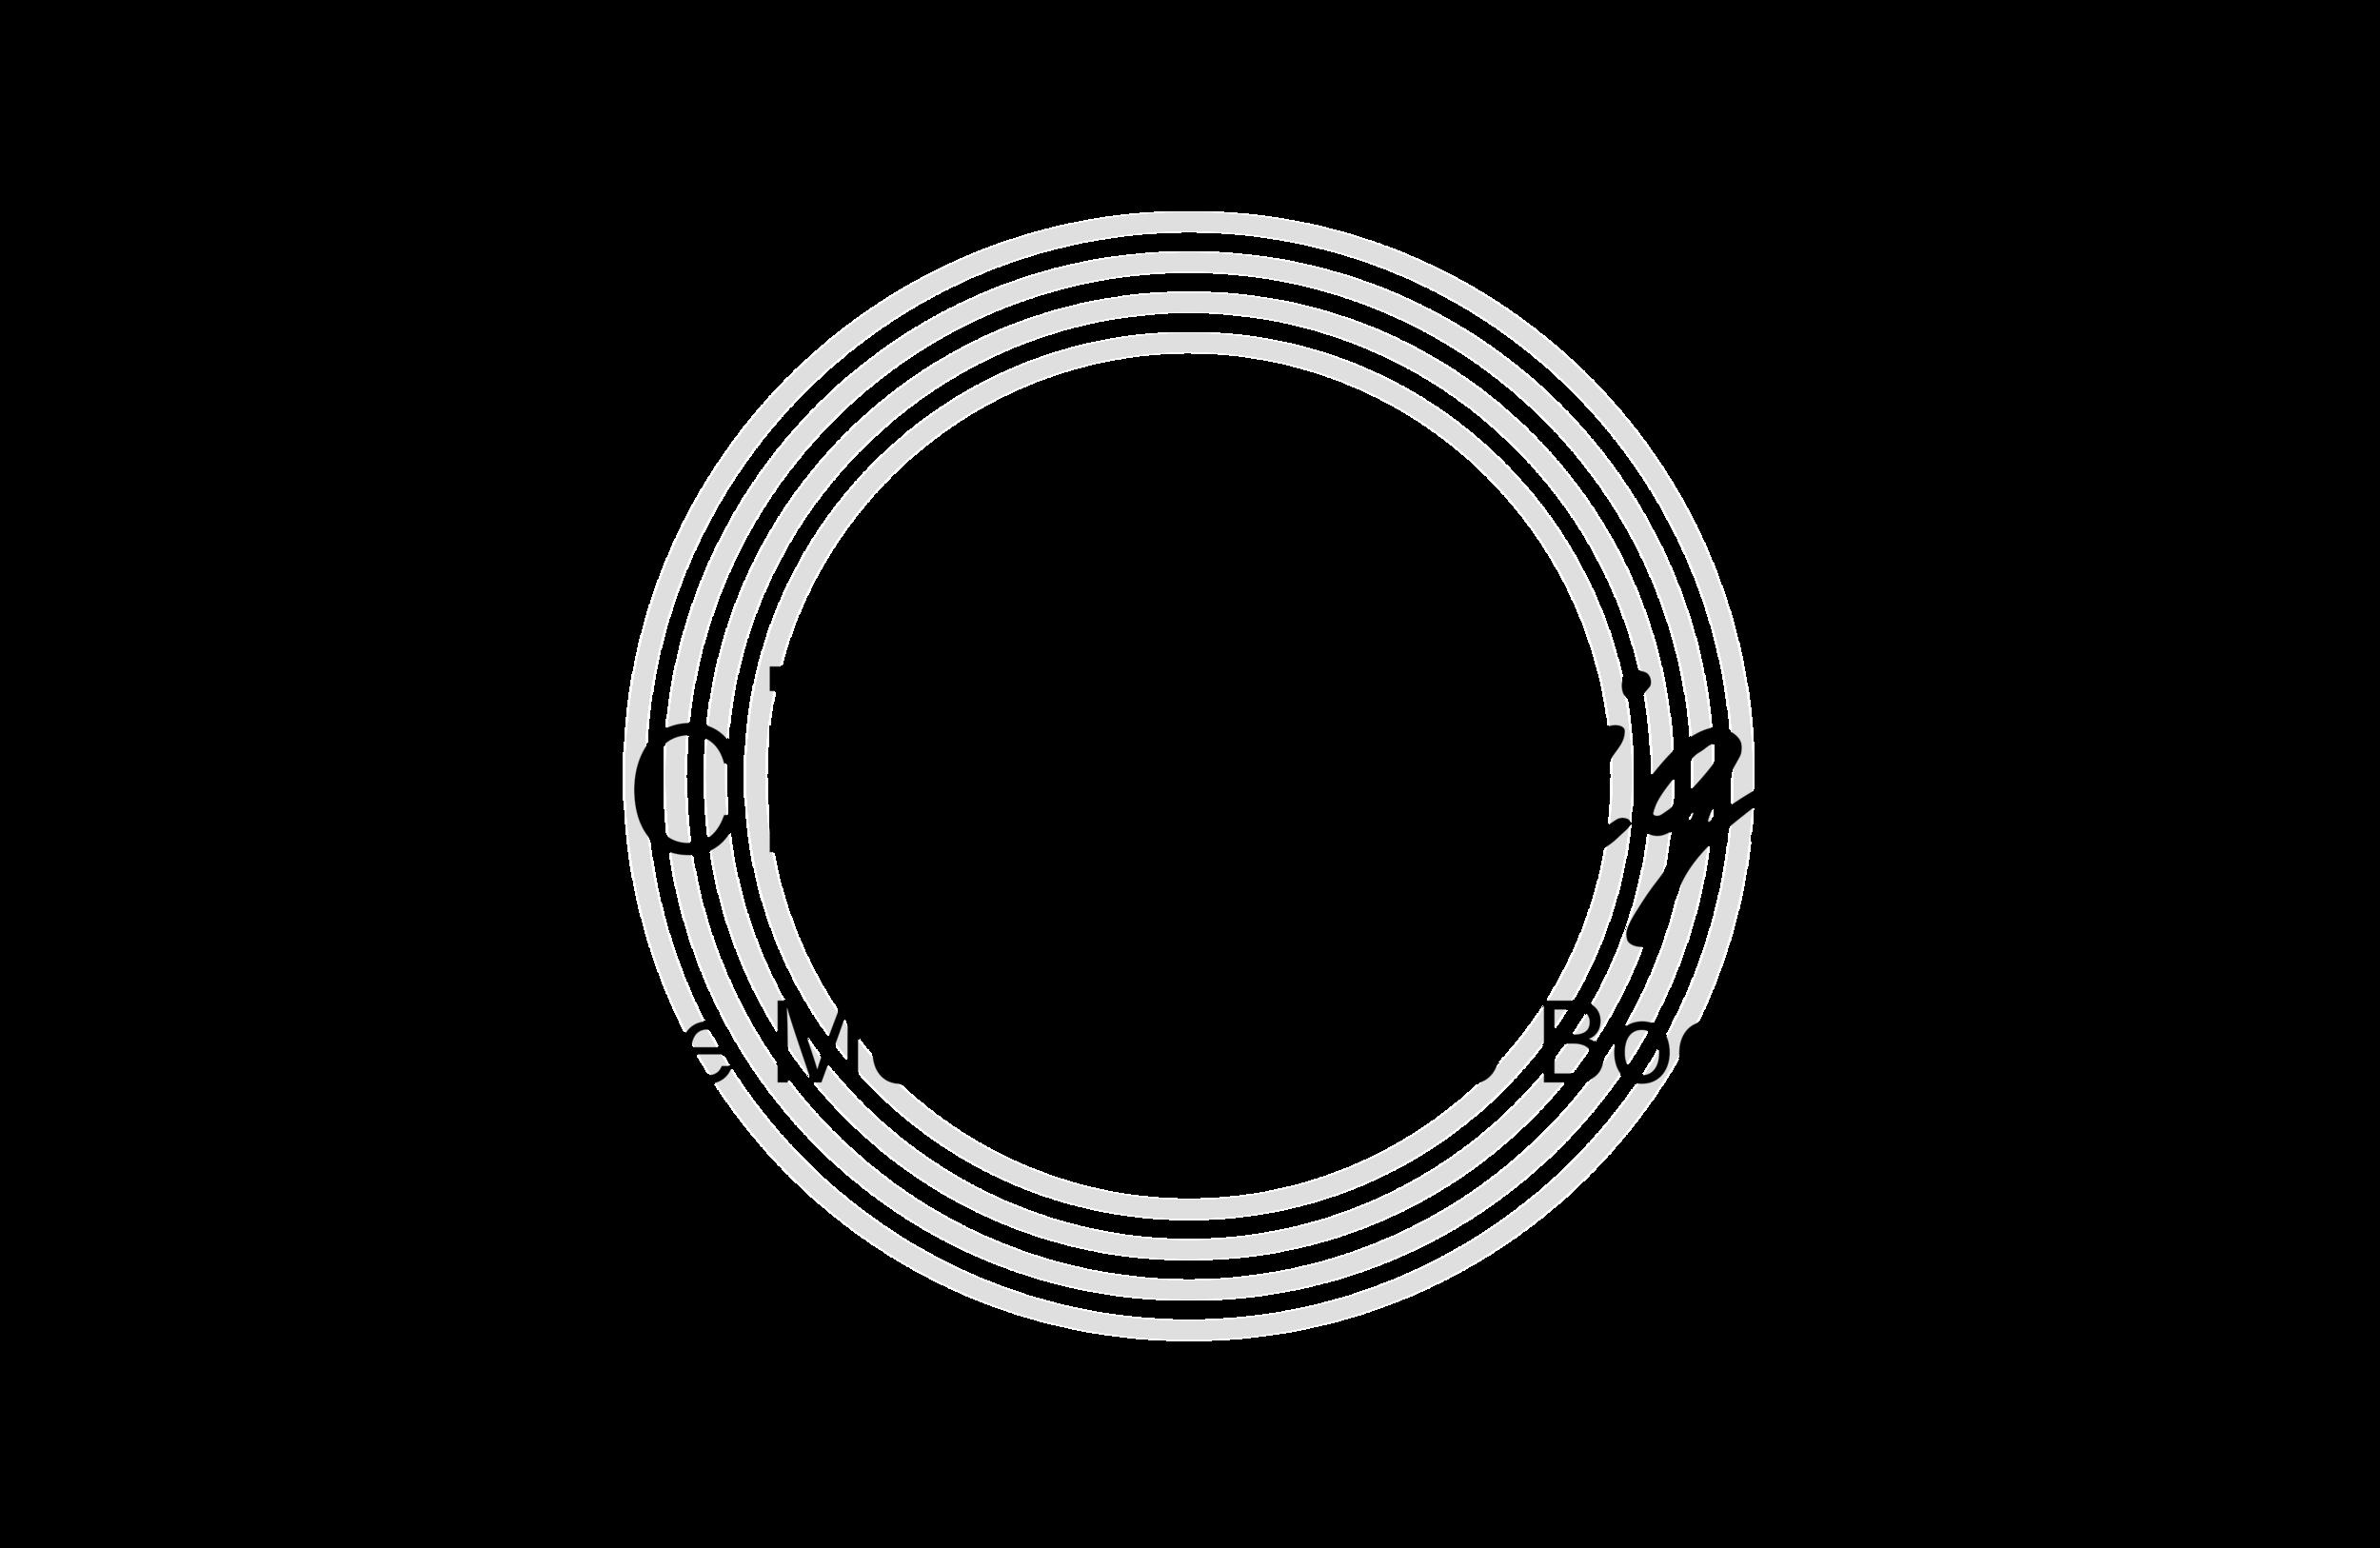 Social Highlights logo_black text_grey rings_no BG.png